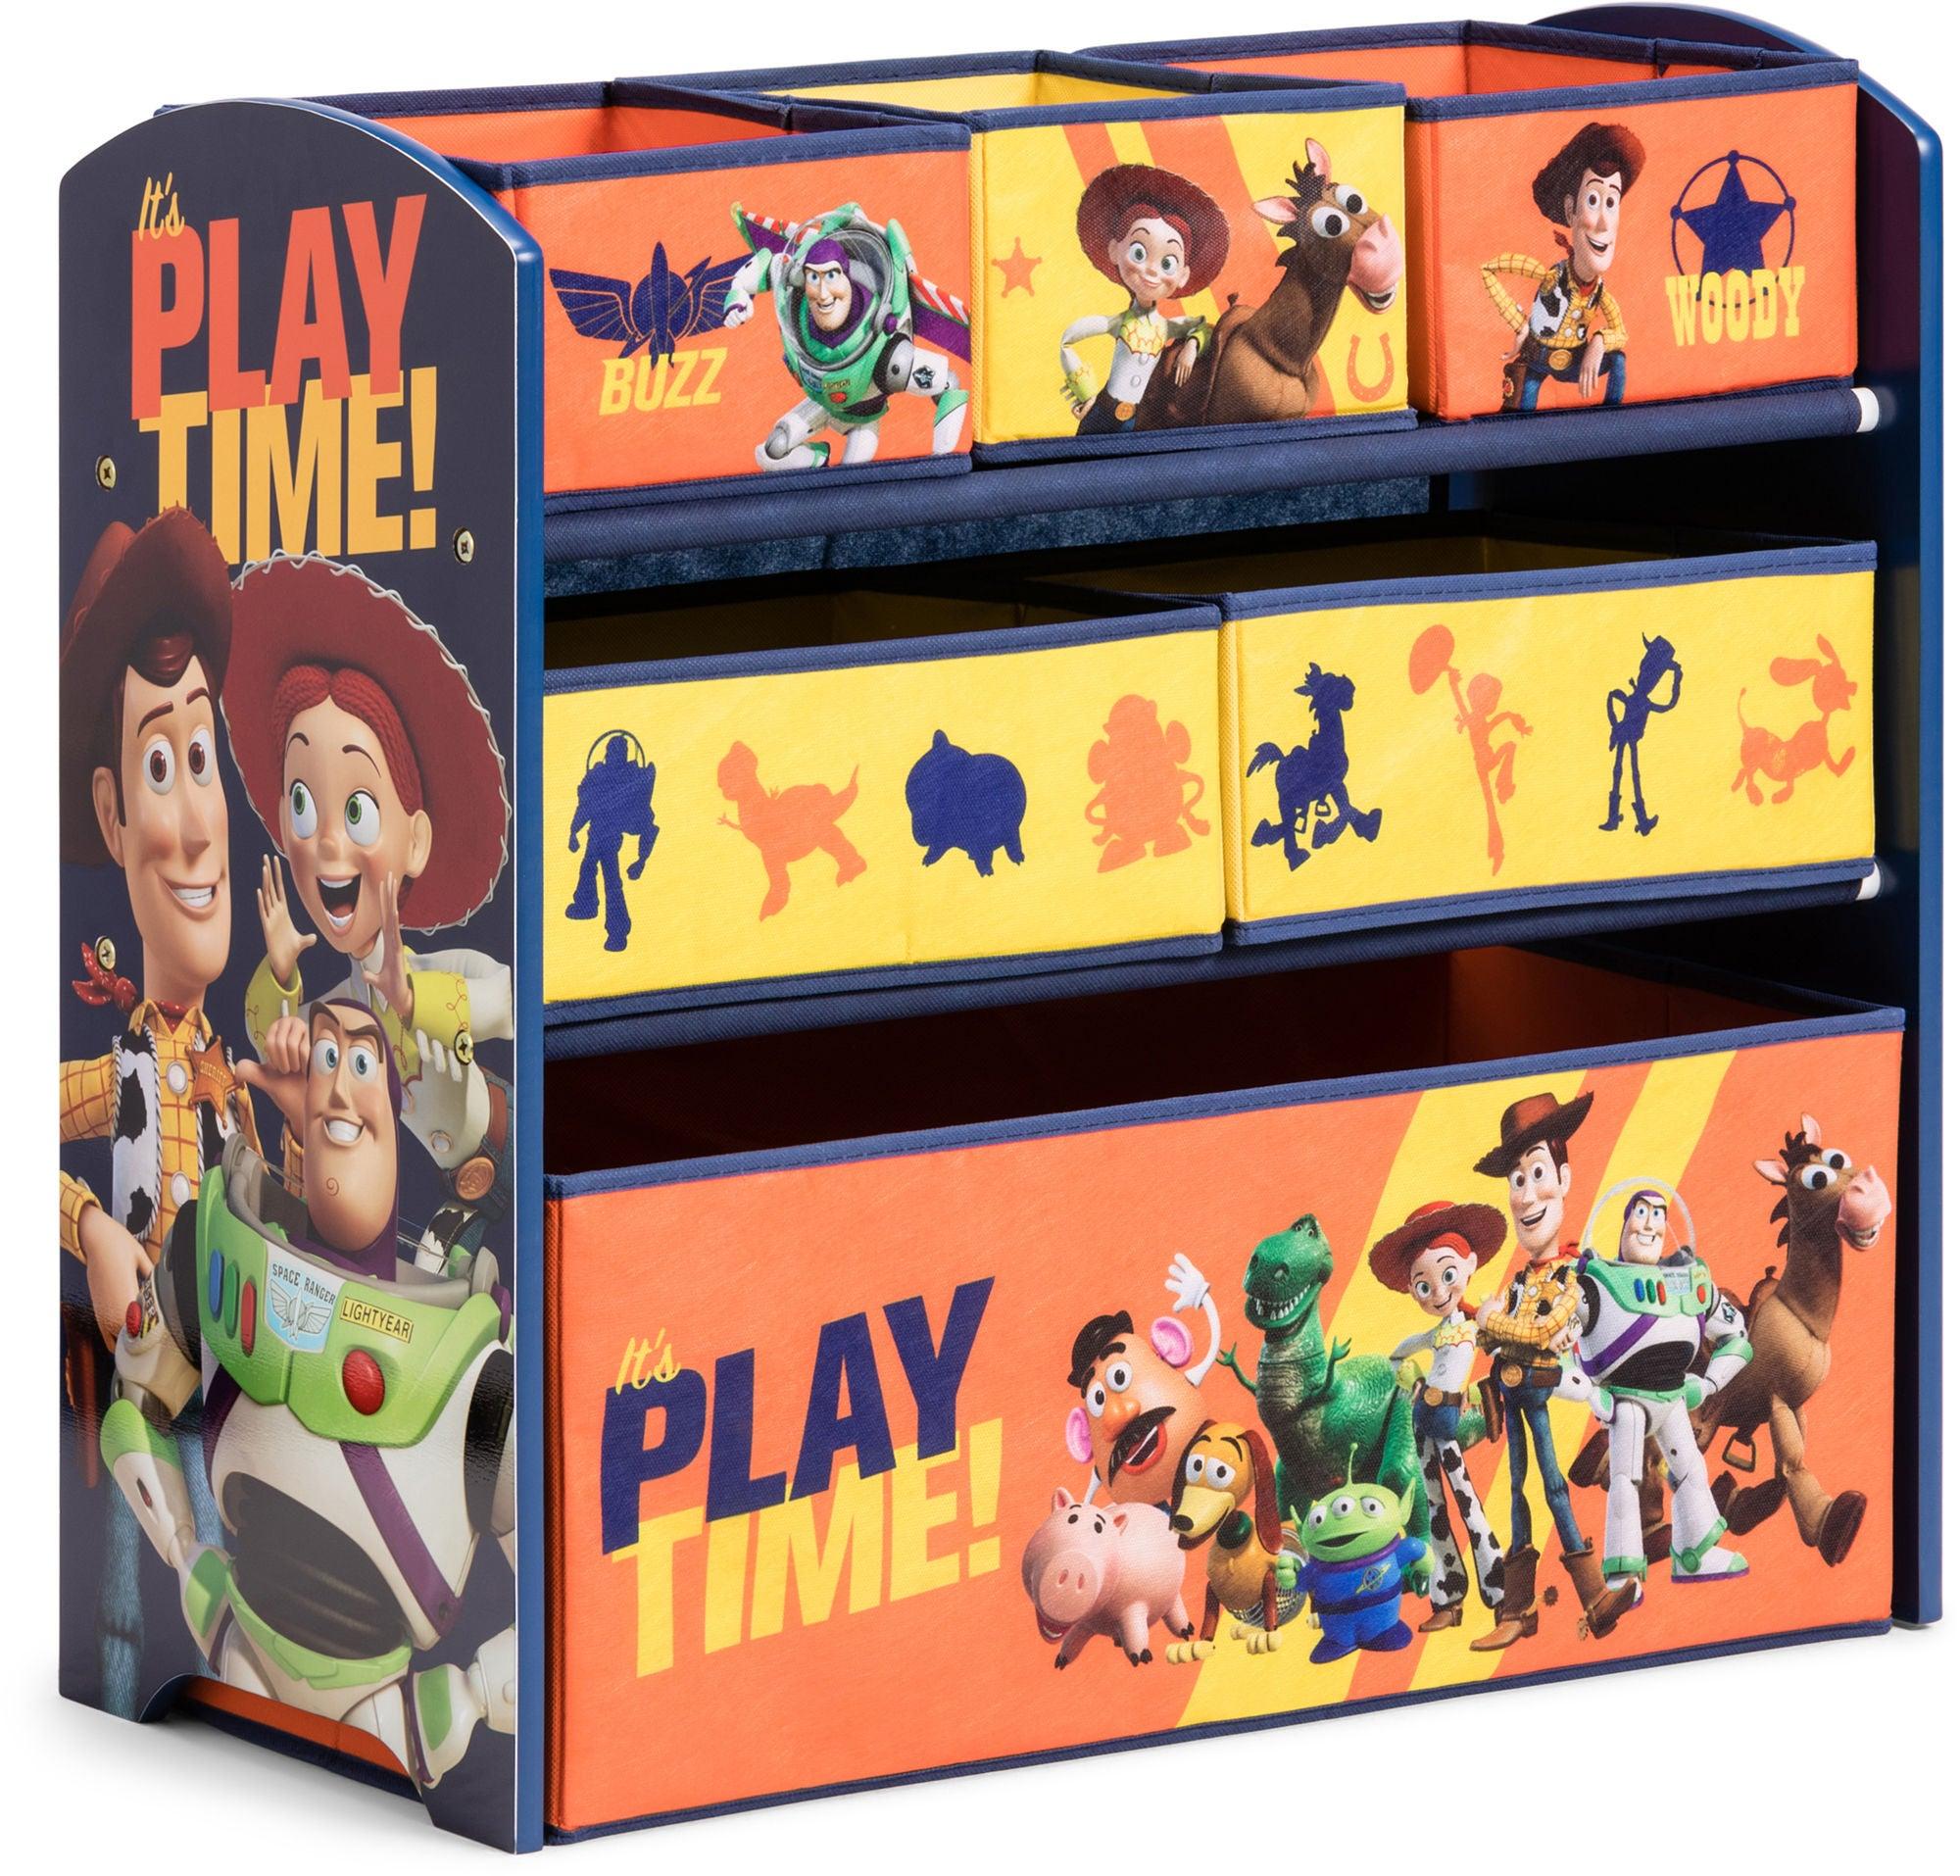 Toy Story Oppbevaringshylle 6 esker Tre